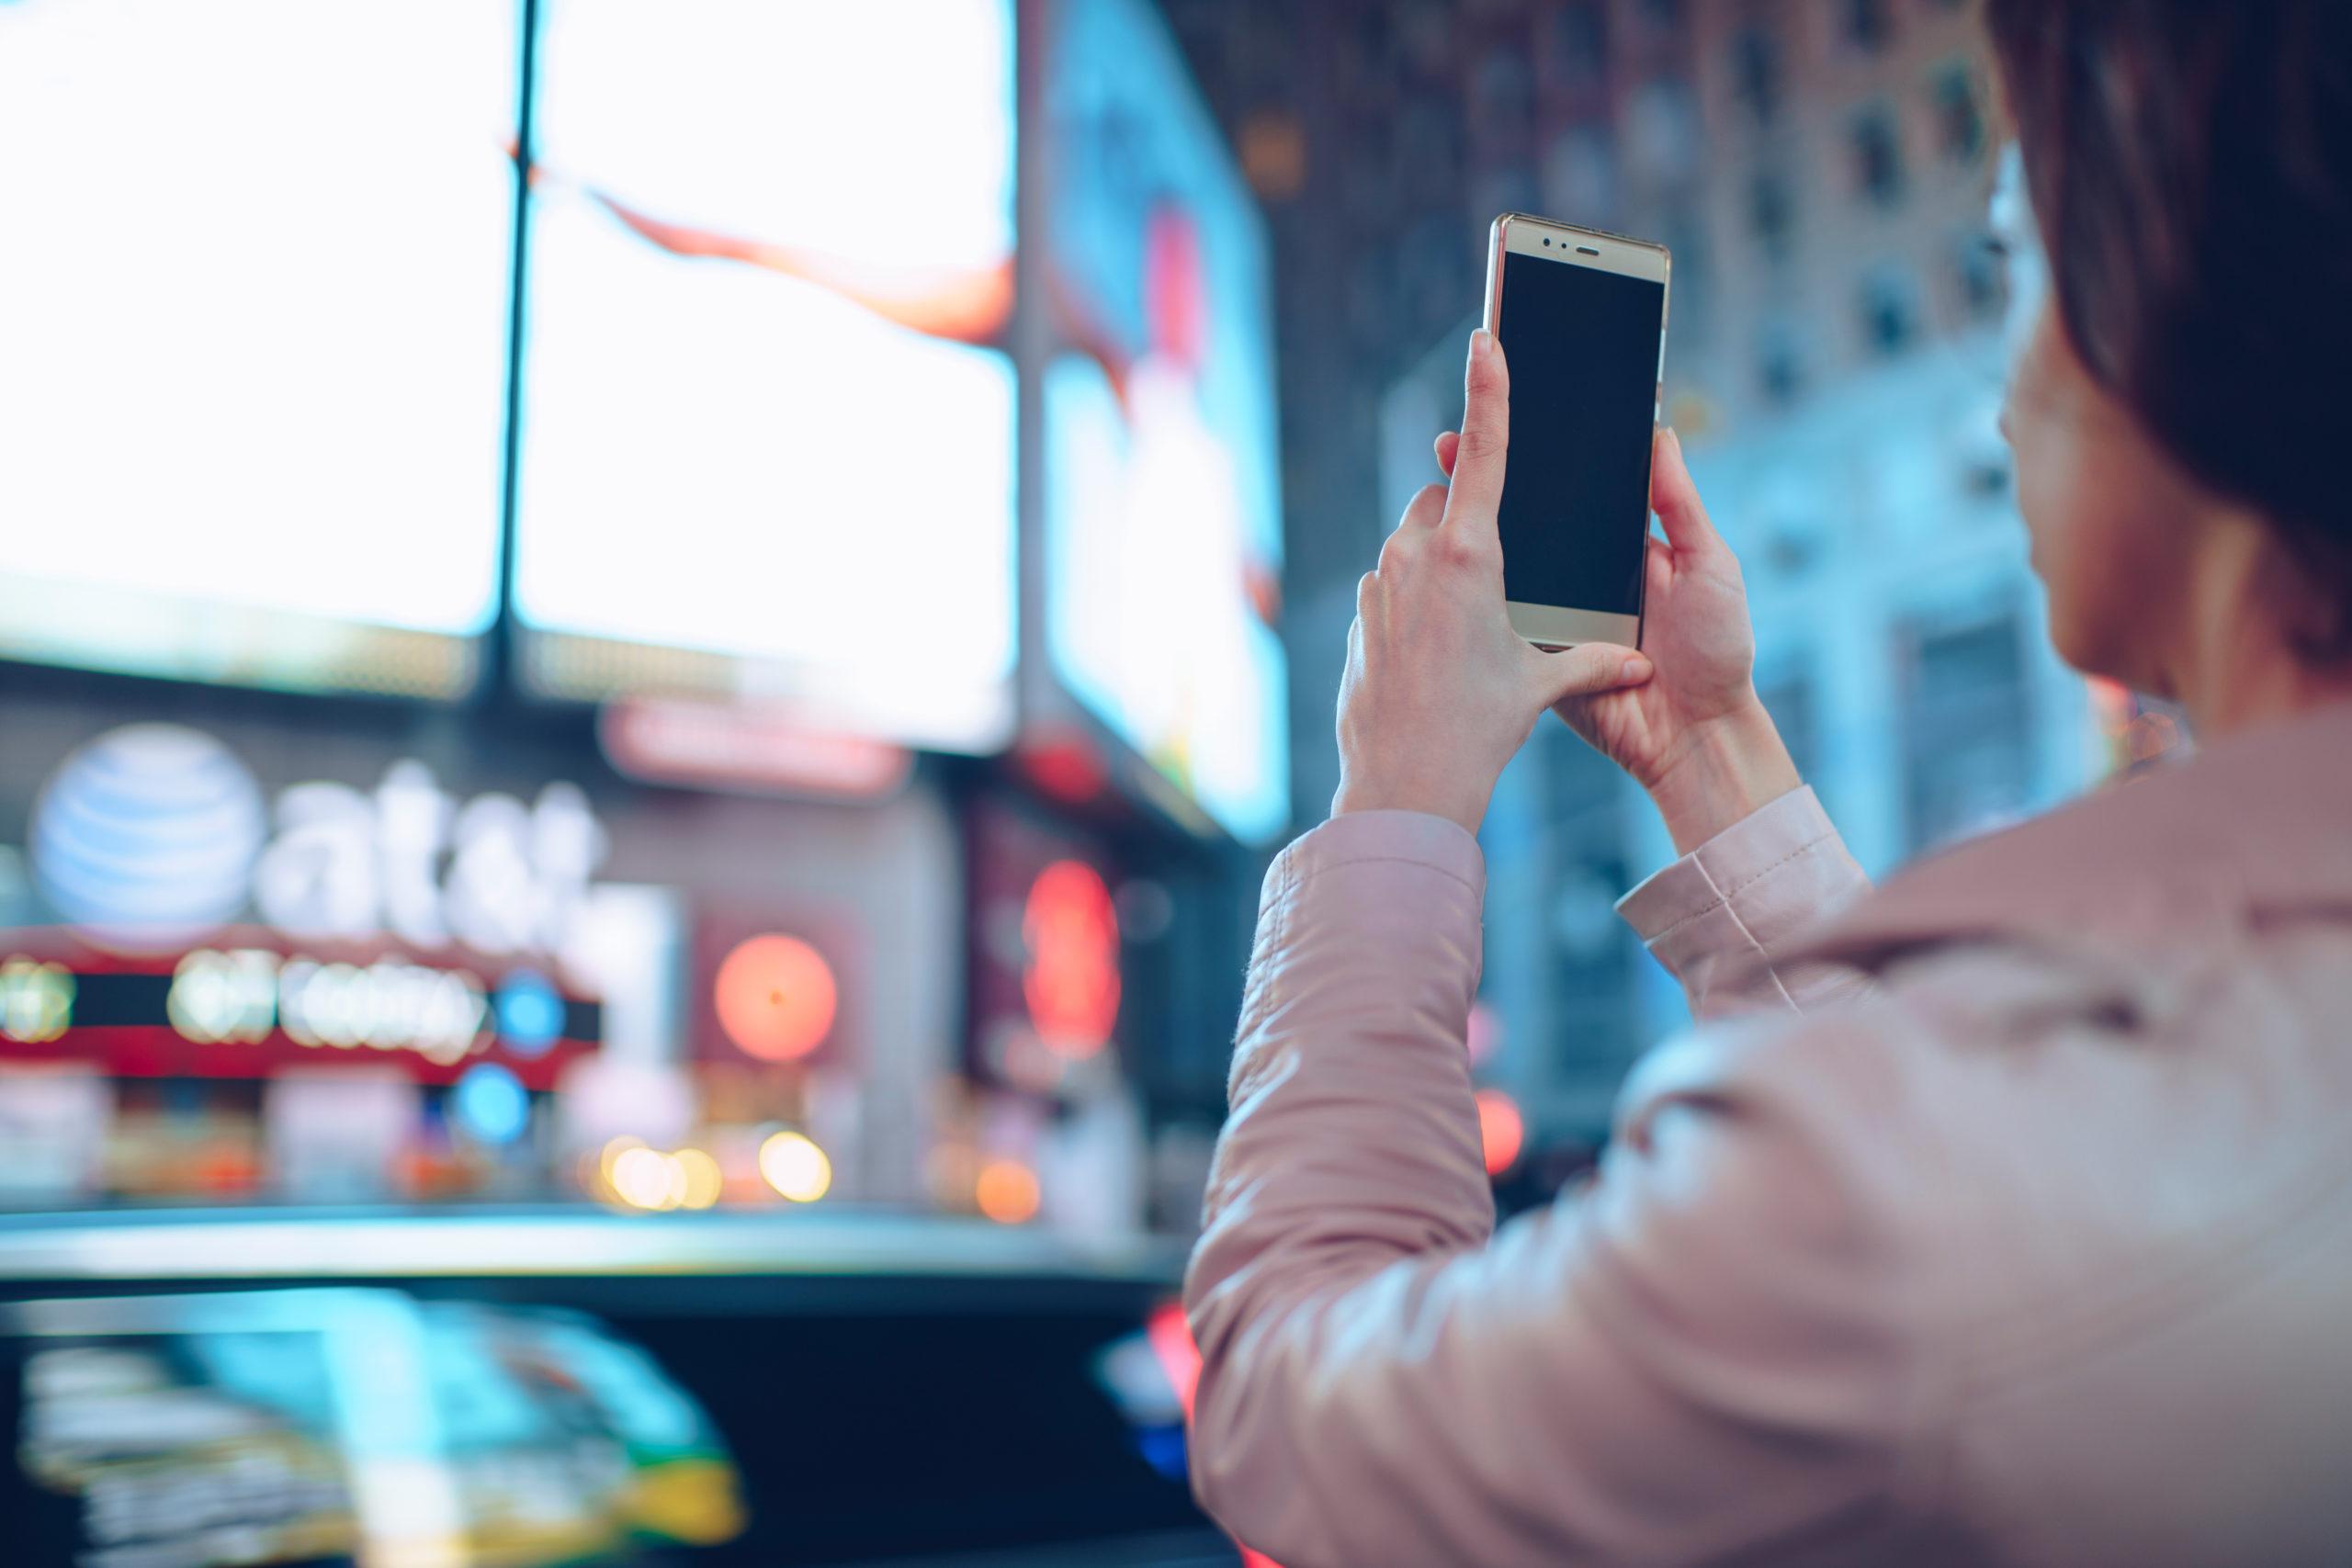 Chica sacando fotos a las vallas publicitarias de Times Square en Nueva York